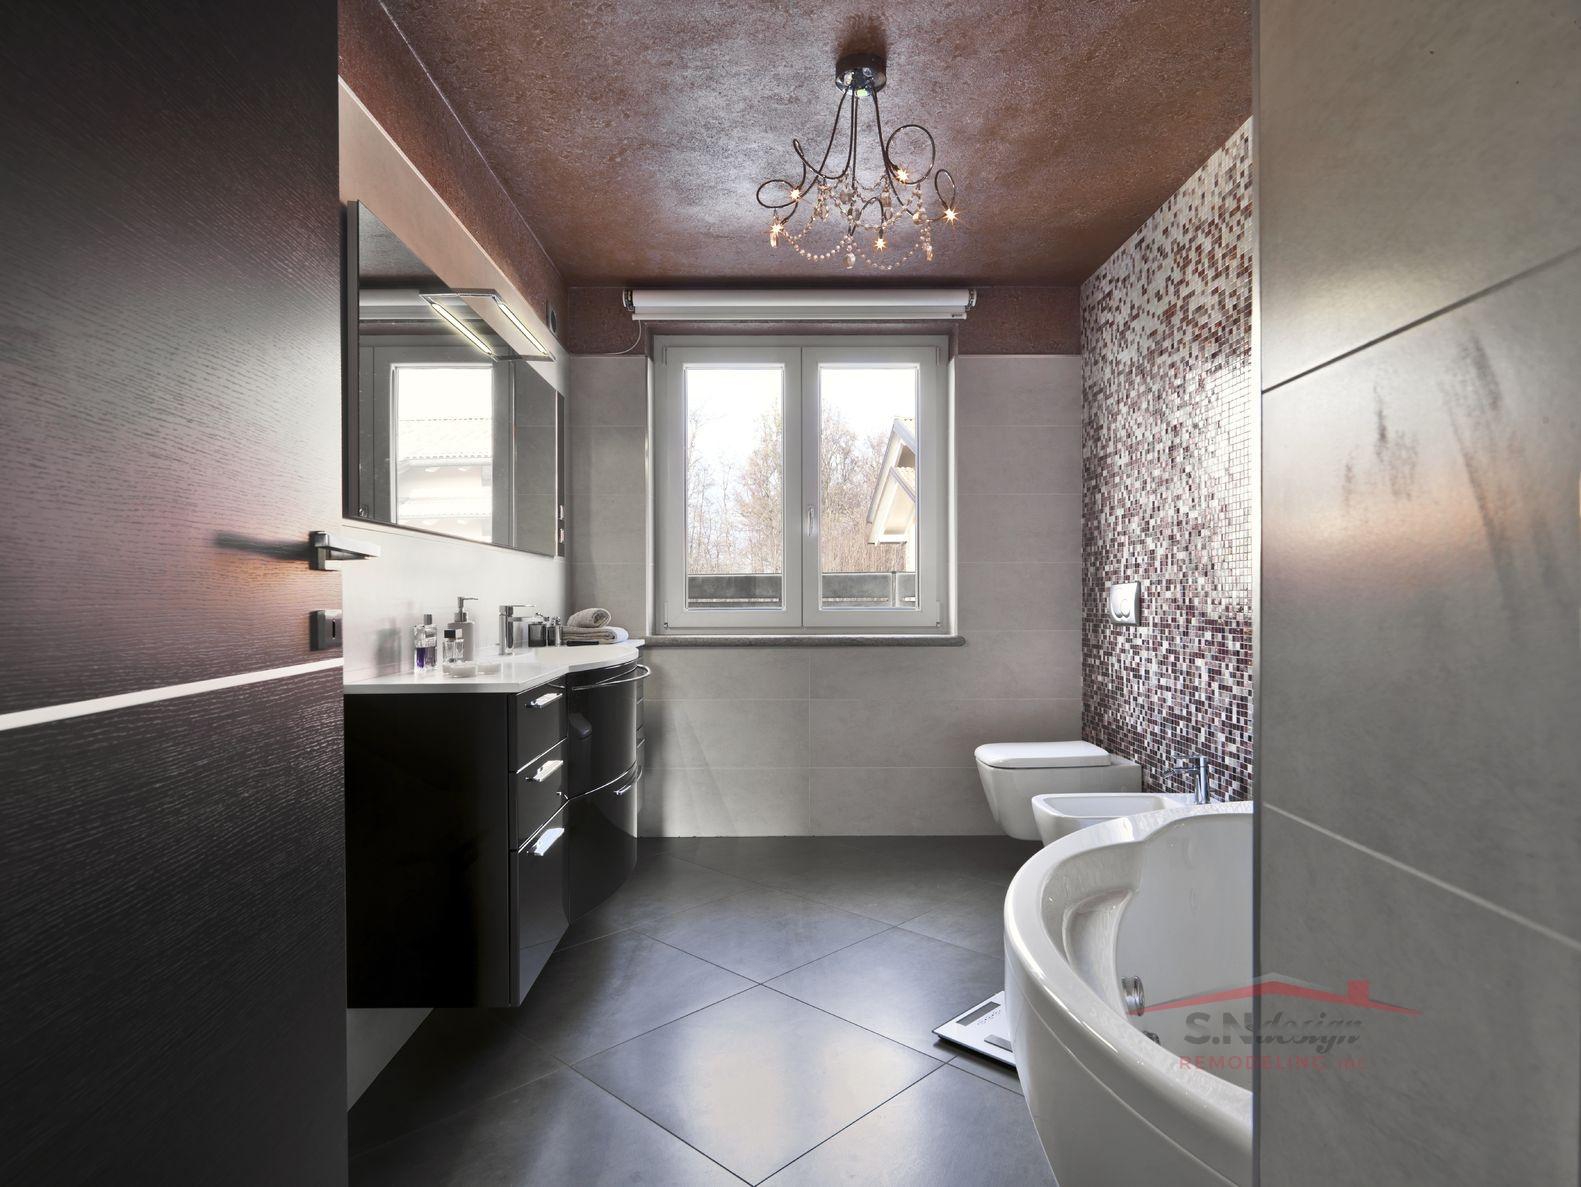 14967214 - modern bathroom with bathtub and washbasin